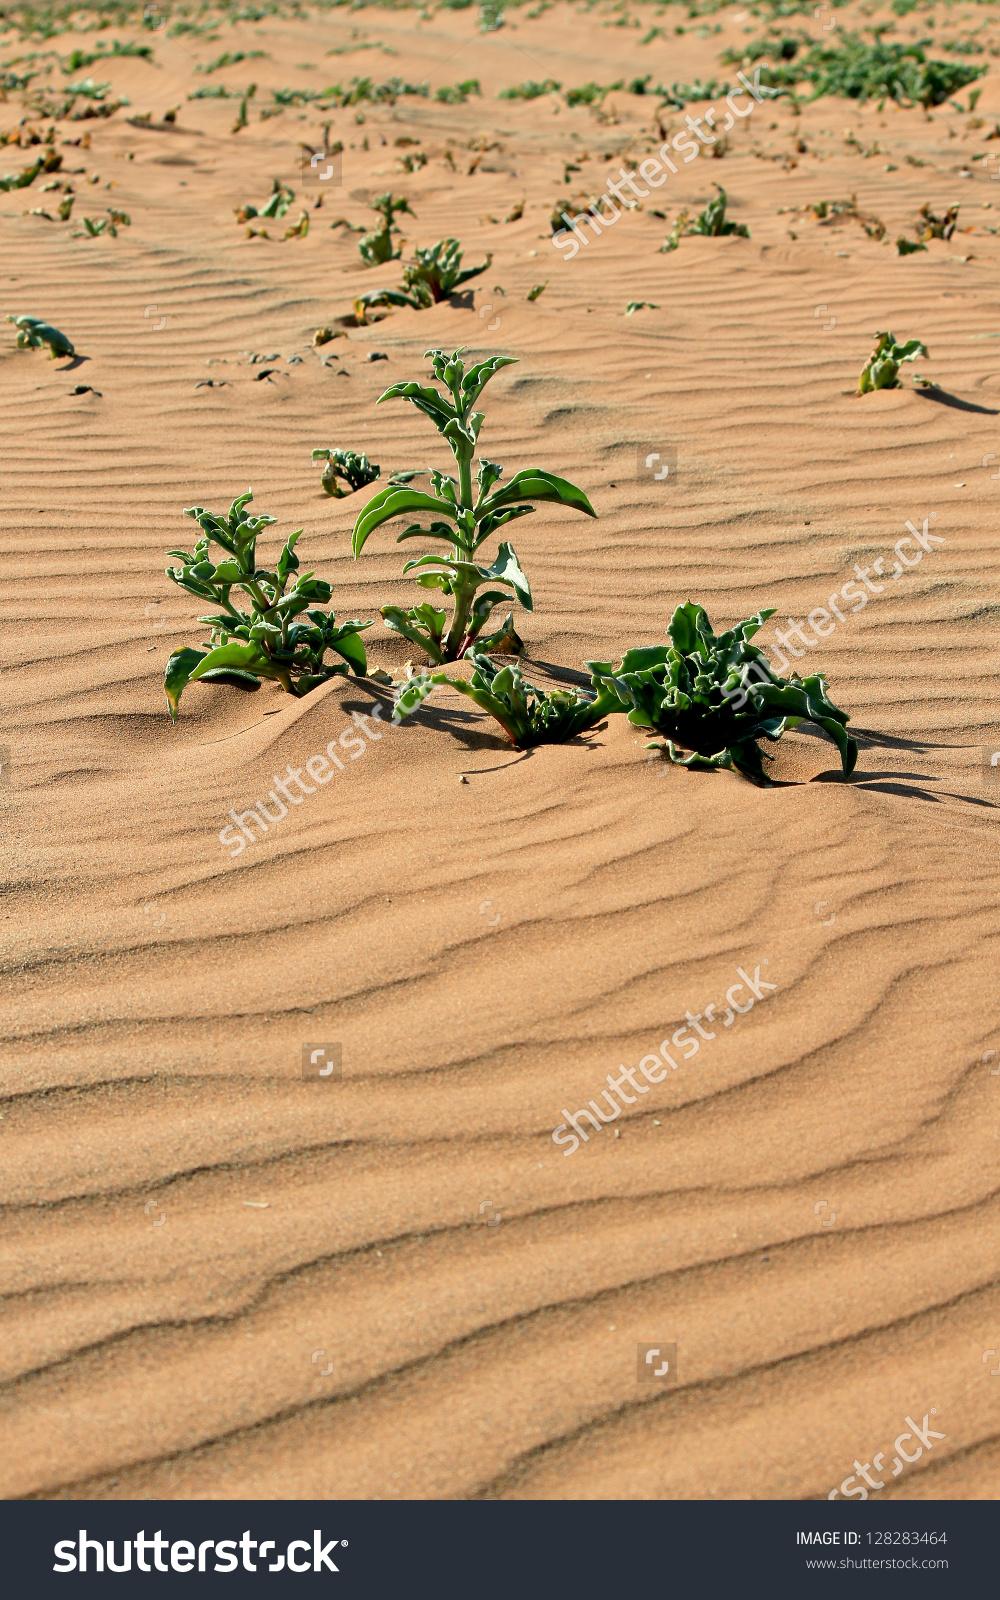 Namib Desert clipart #5, Download drawings